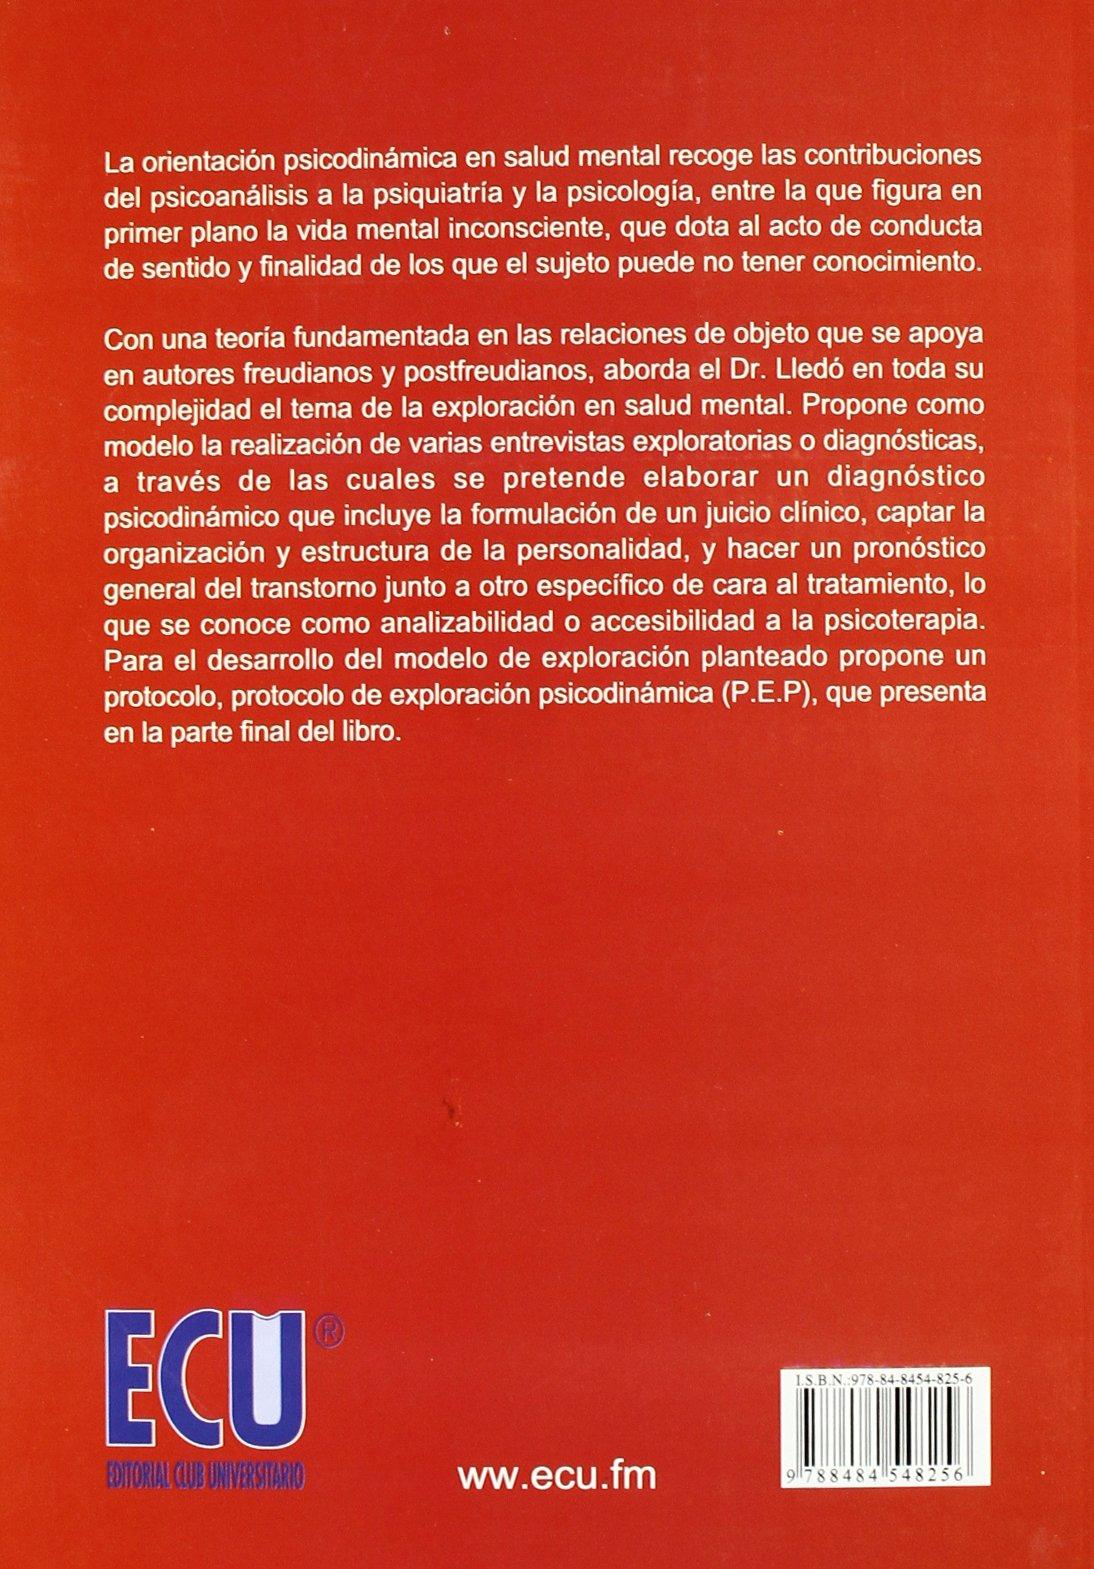 La exploración psicodinámica en salud mental: Amazon.es: José Luis Lledó Sandoval: Libros